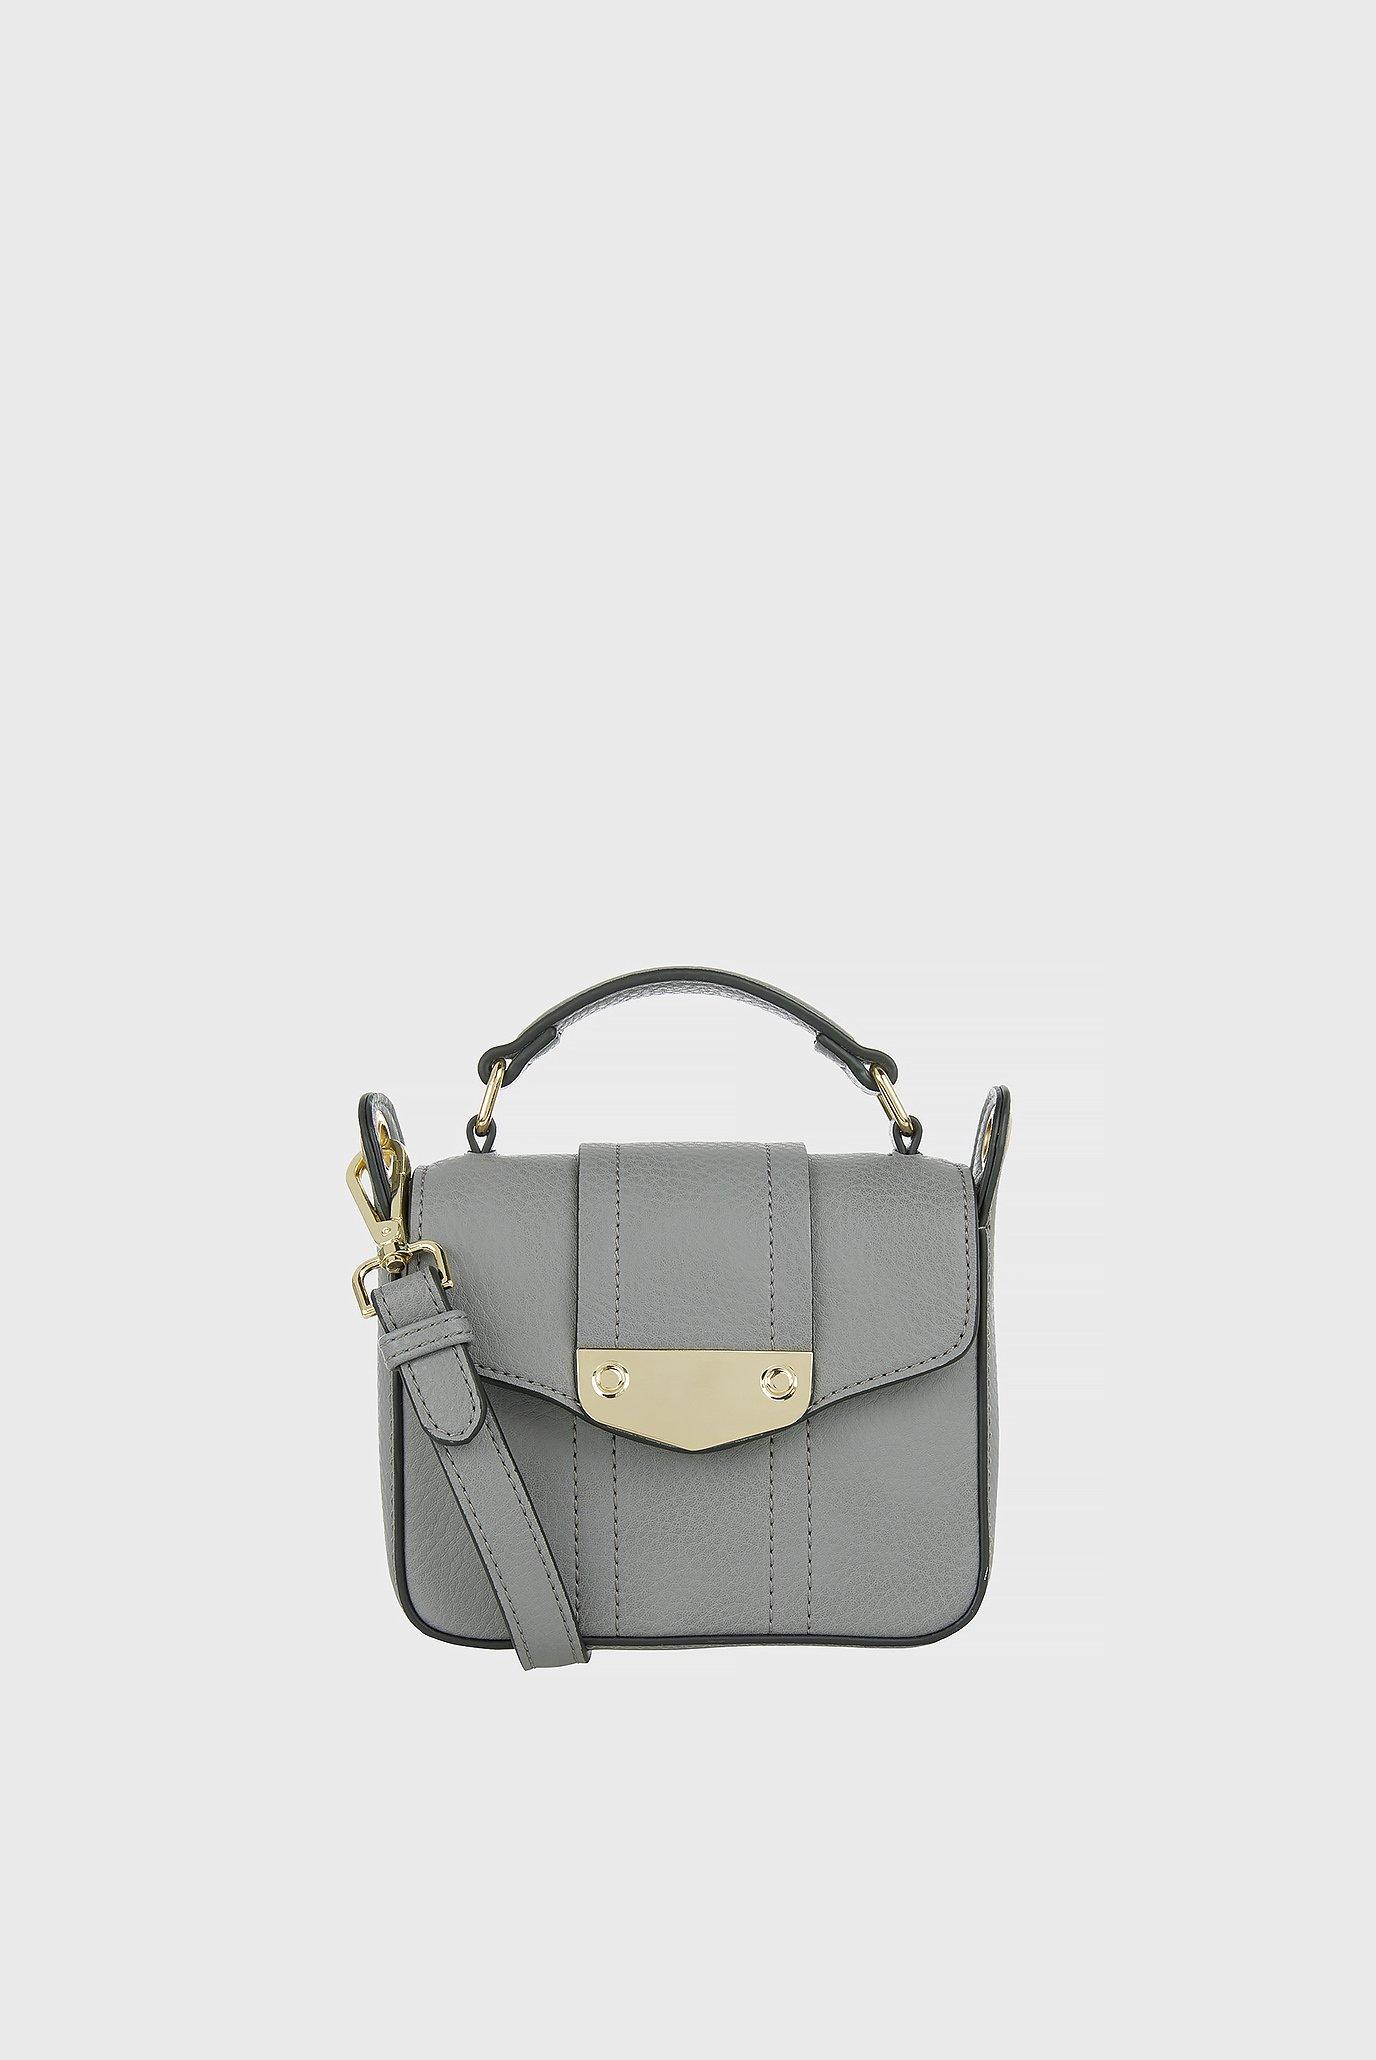 0b7205f7e7d8 Купить Женская серая сумка на плечо Accessorize Accessorize 389633 – Киев,  Украина. Цены в интернет магазине MD Fashion